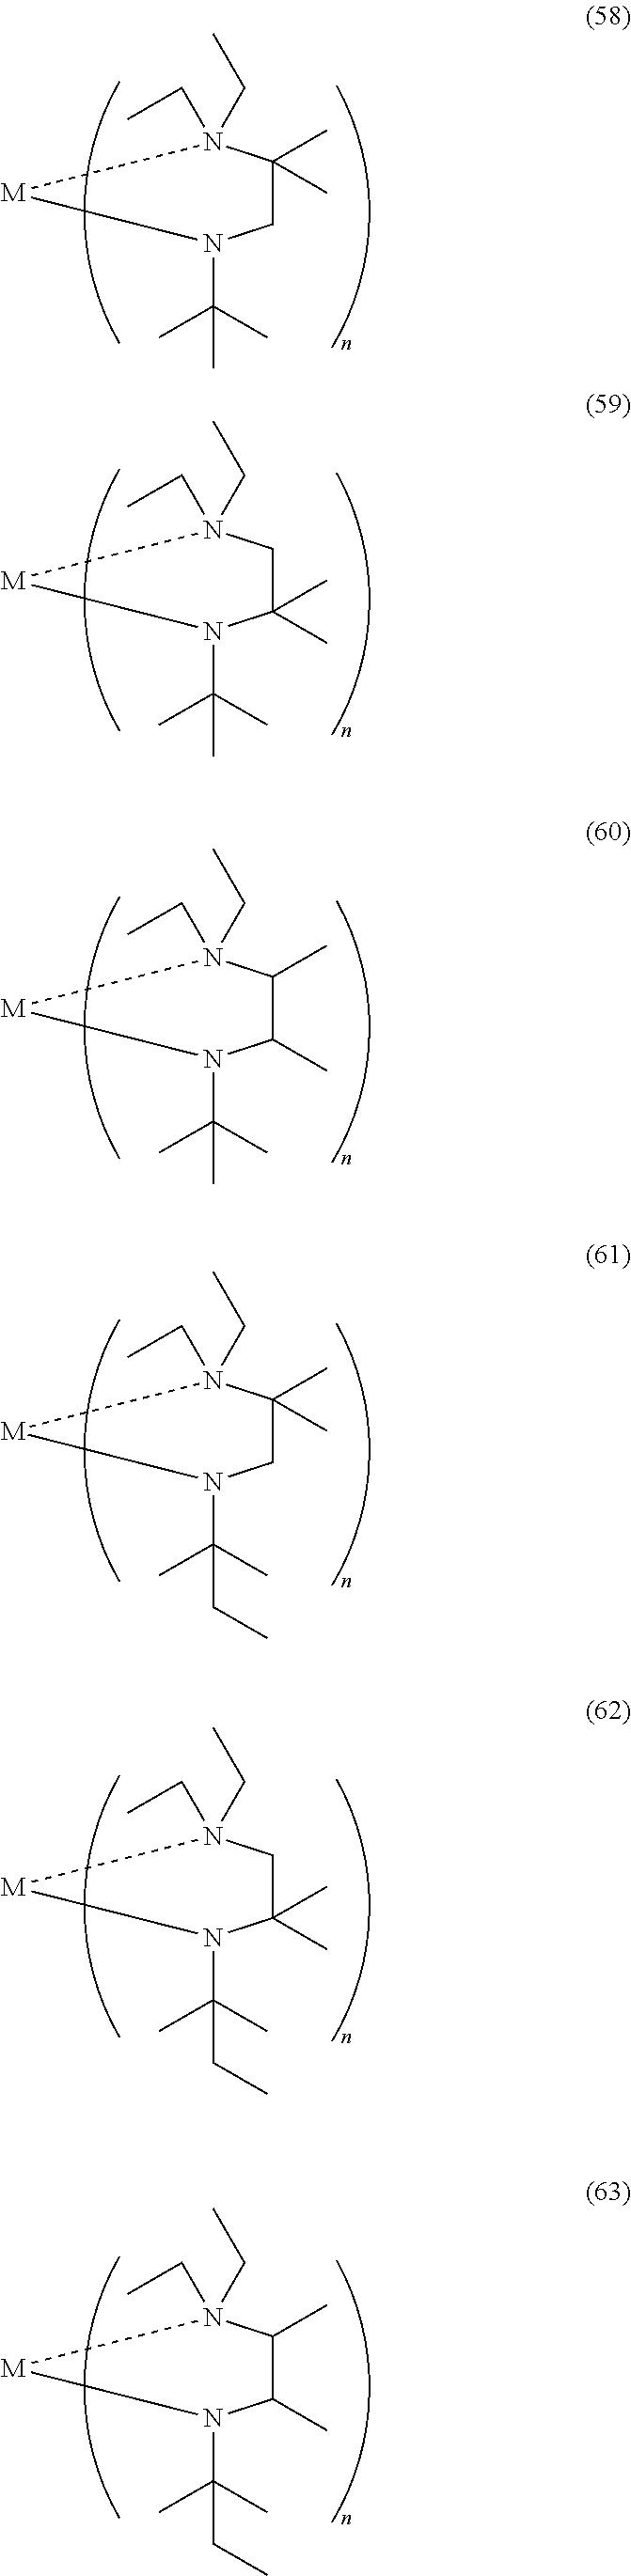 Figure US08871304-20141028-C00022